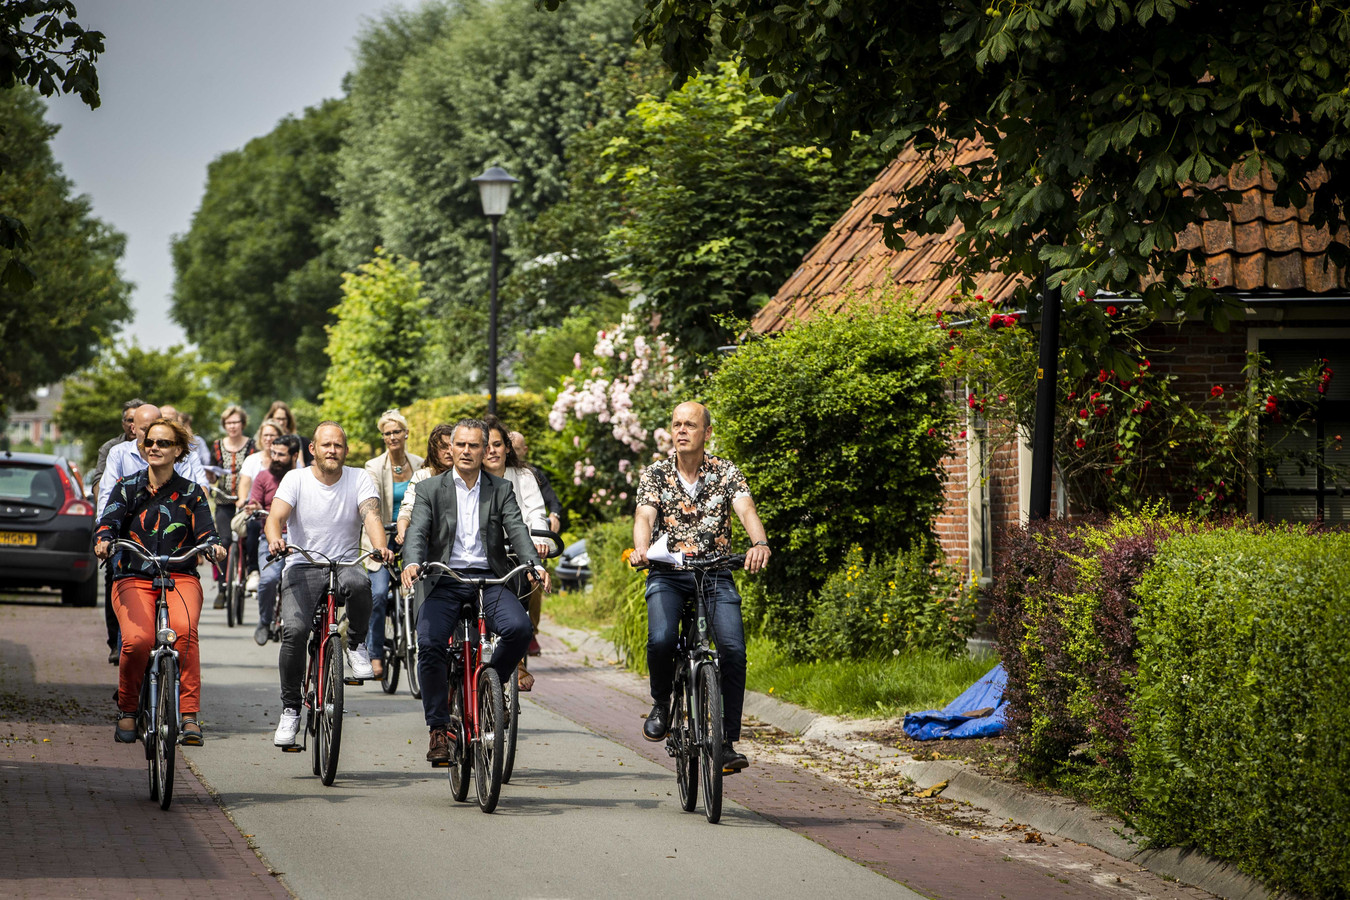 Voorzitter Tom van der Lee (m) te midden van de commissieleden van de parlementaire enquêtecommissie aardgaswinning Groningen.